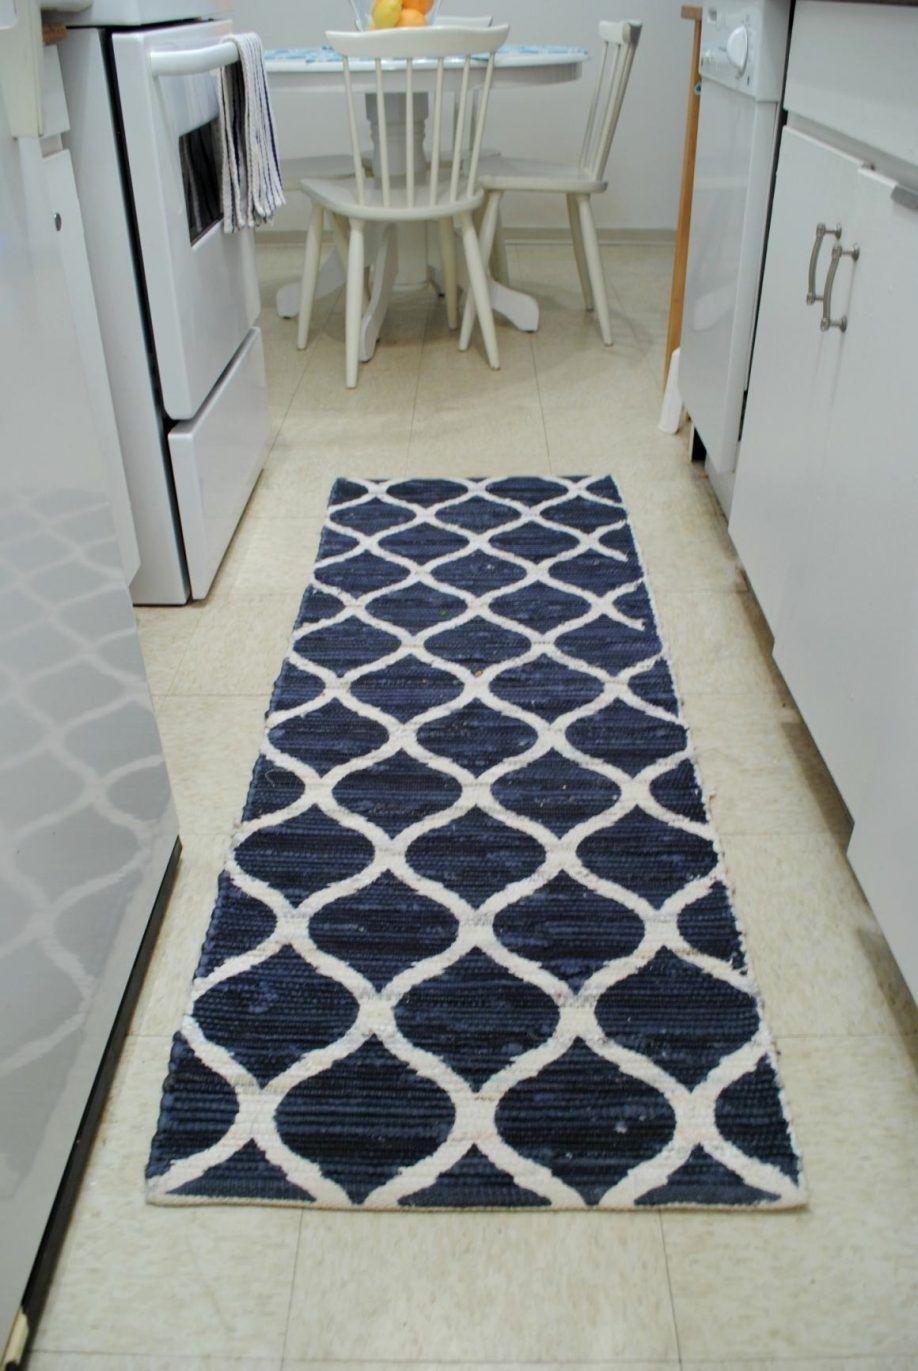 Küche Teppiche Ziel | Küche | Pinterest | Ziel, Teppiche und Design ...